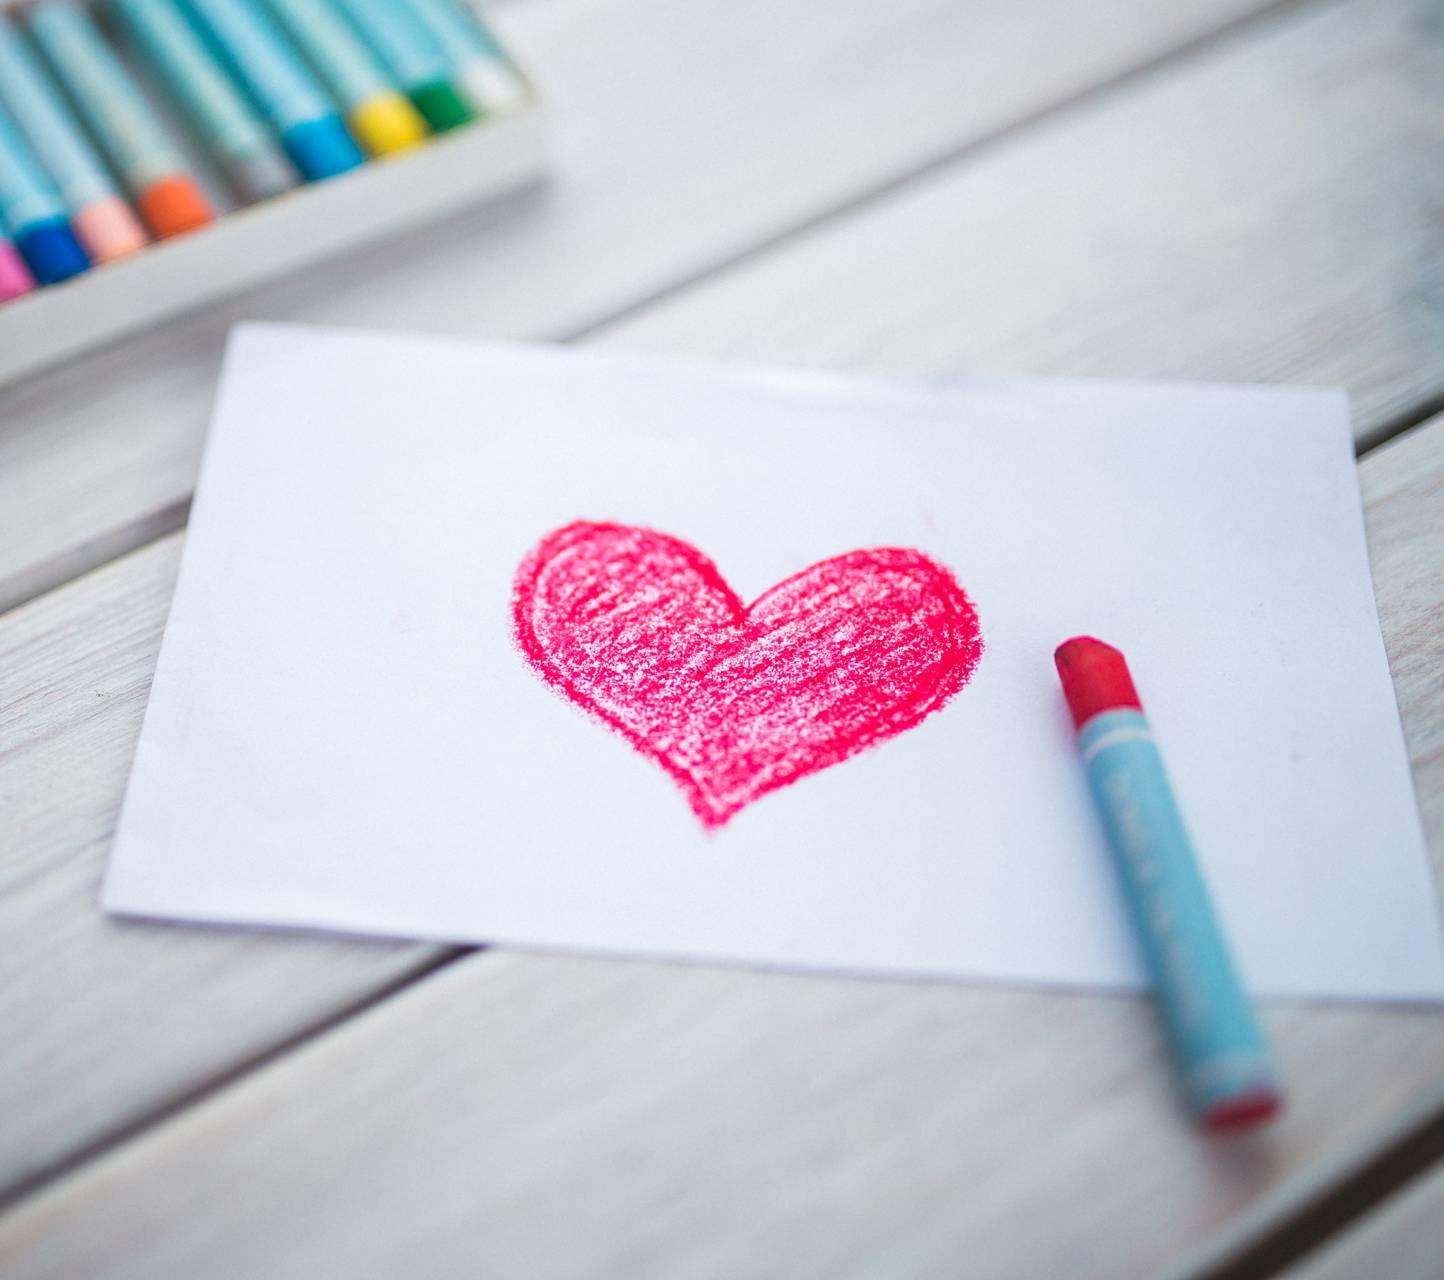 Heart art 5